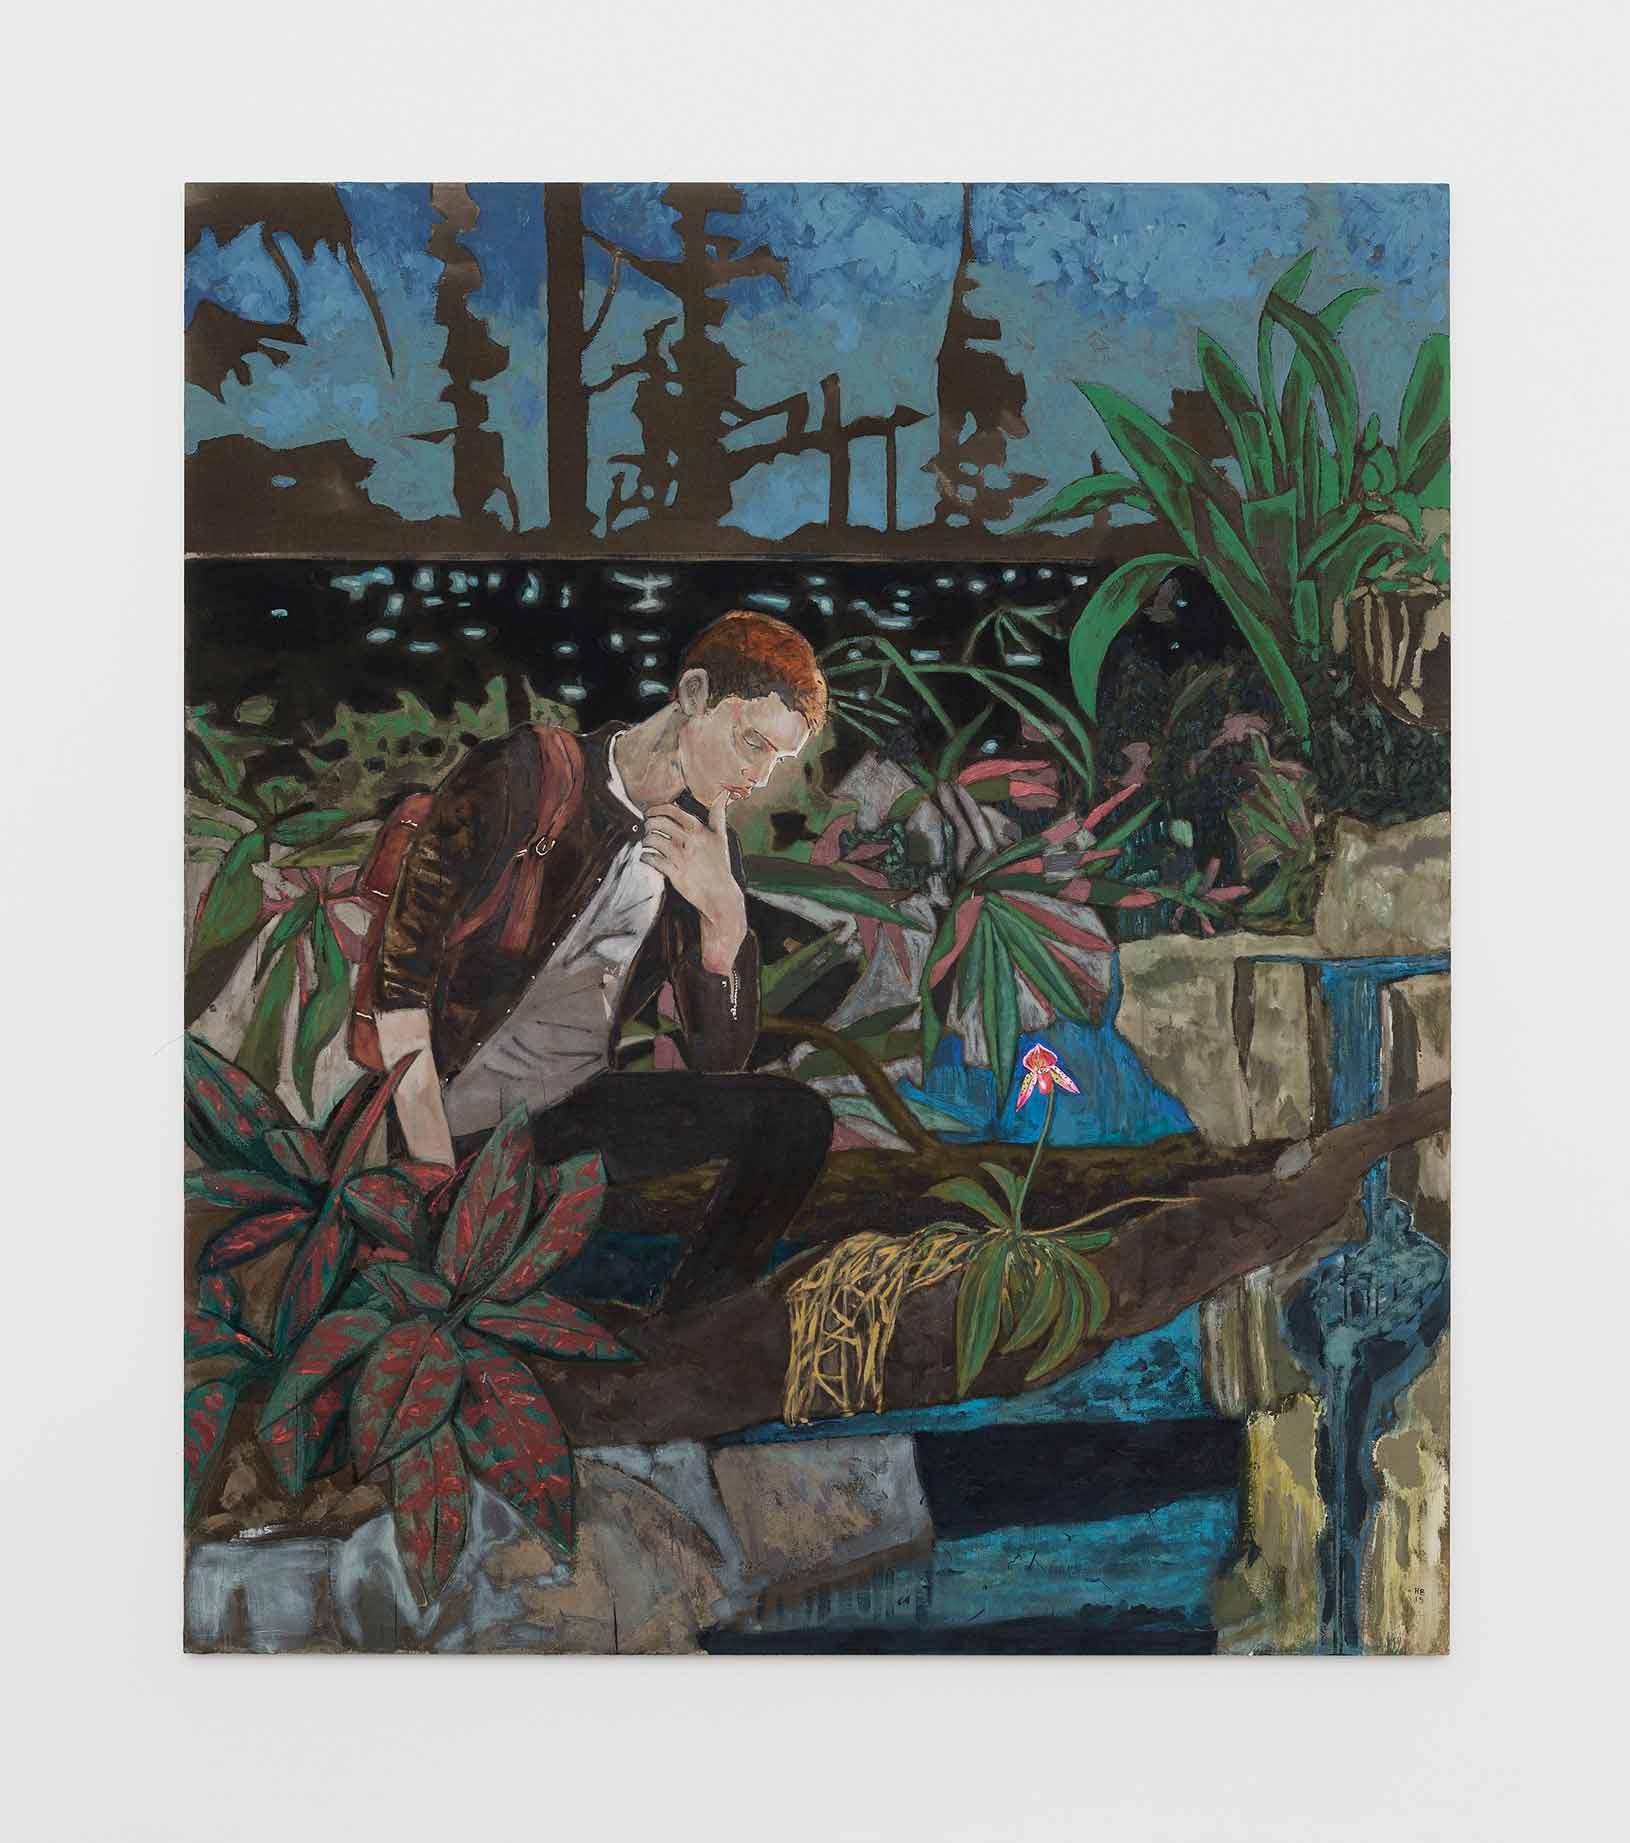 Hernan Bas à la Galerie Perrotin, entre éphèbes rêveurs et fleurs dévoilées